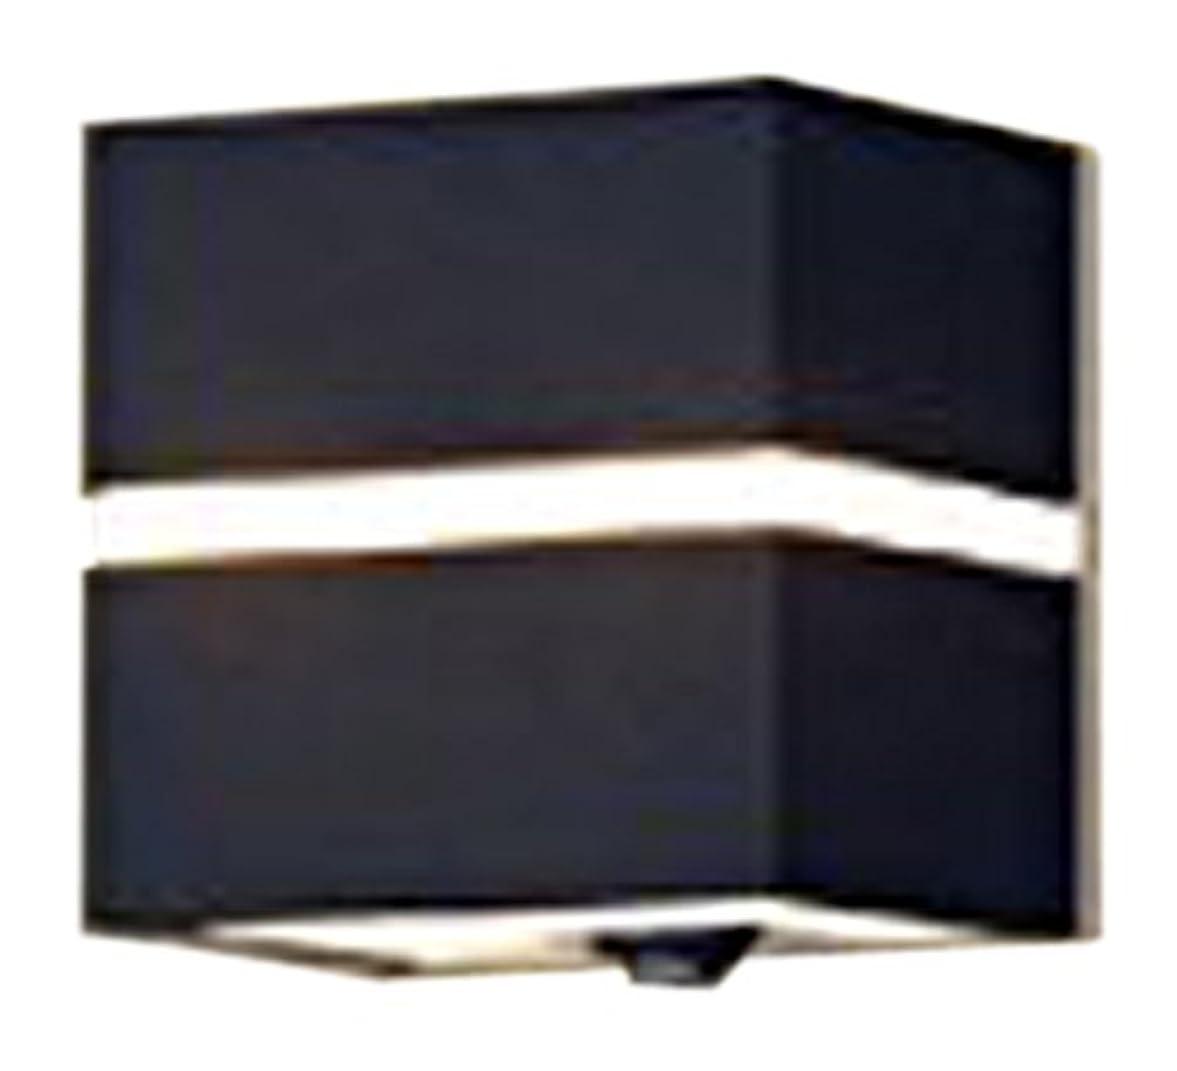 弁護士虎絶滅したパナソニック(Panasonic) 設備照明コーディネイトシリーズFreePaお出迎え(オフブラック) LGWC80355LE1